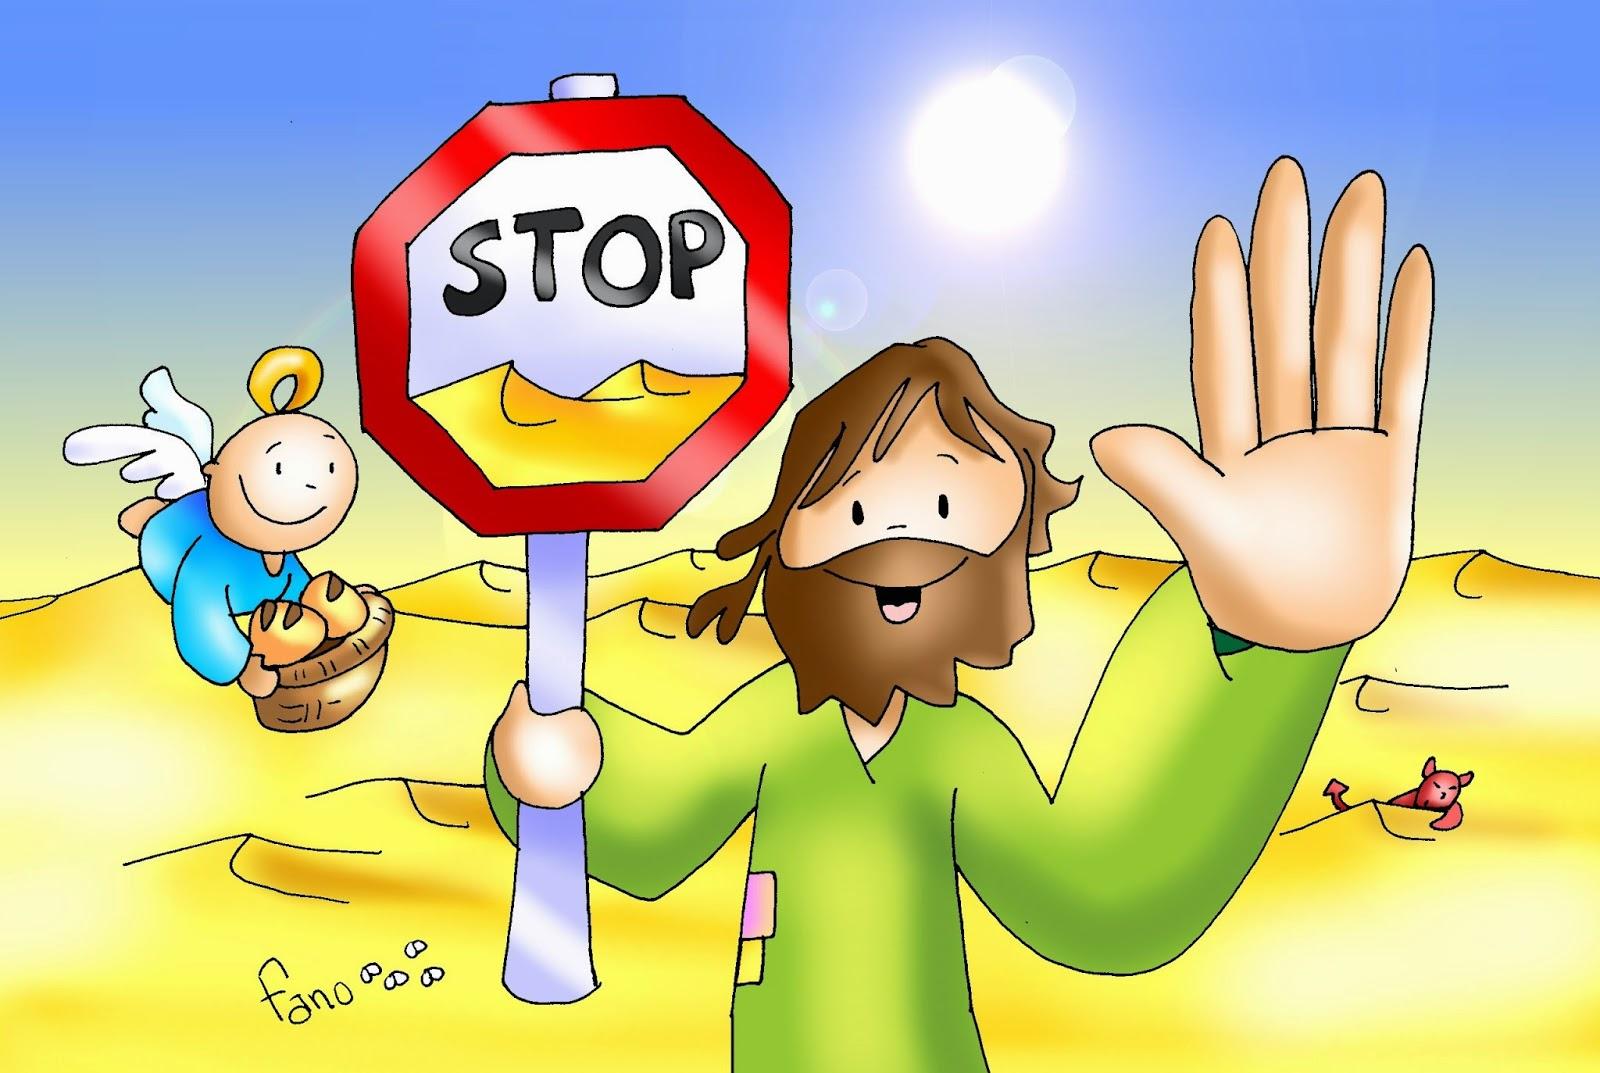 Recursos para mi clase: PRIMER DOMINGO DE CUARESMA: ¡STOP